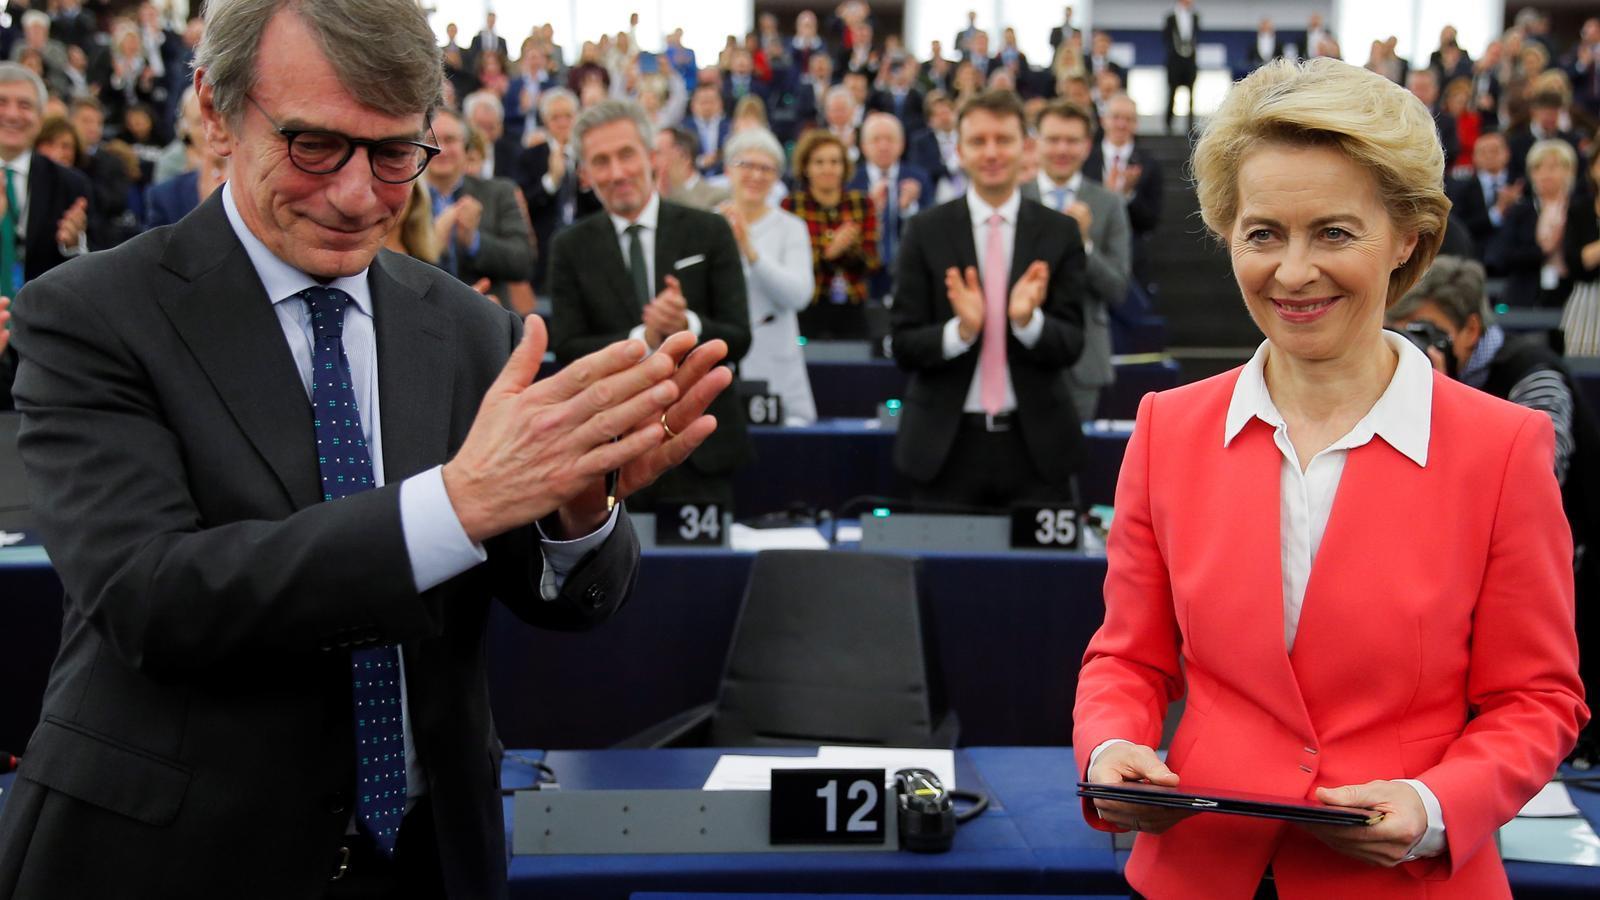 La nova presidenta de la Comissió Europea assegura que la UE no mediarà entre Catalunya i Espanya